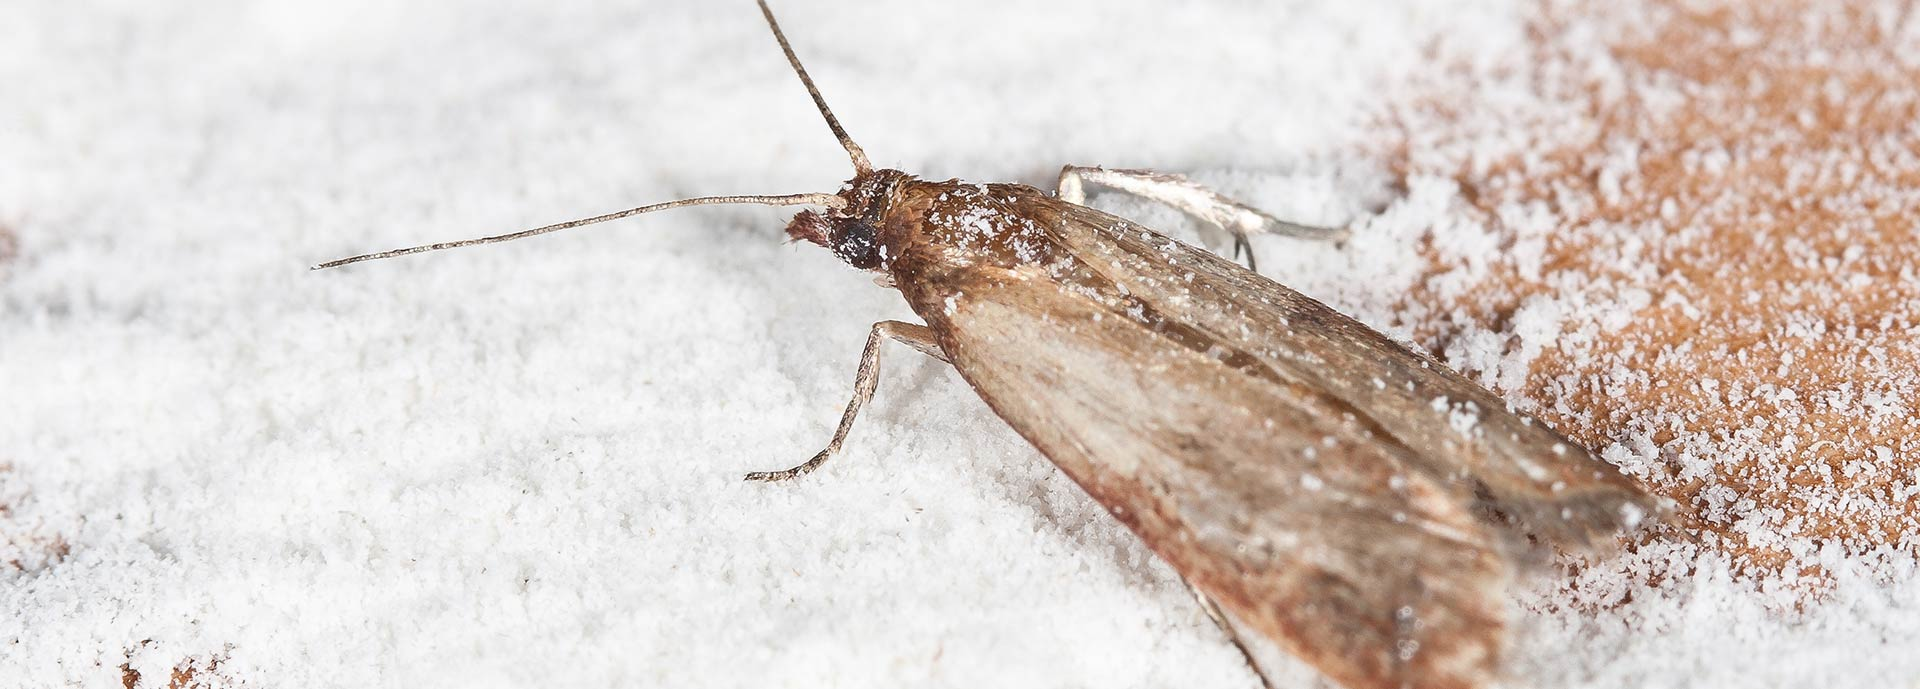 Mottenbekämpfung